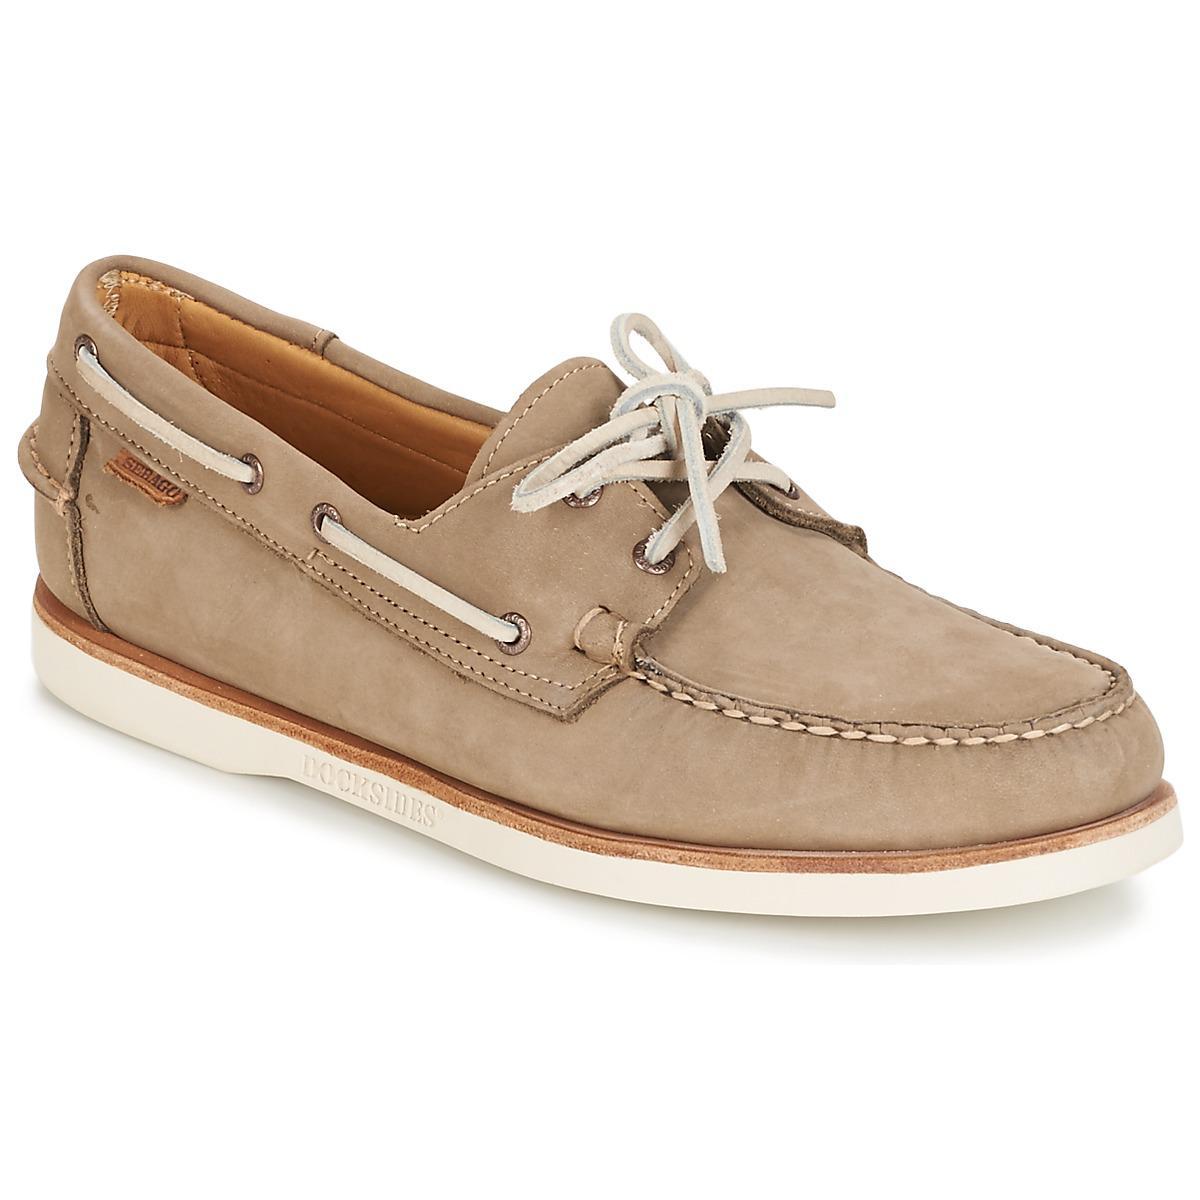 dc141c22a00 Sebago Crest Docksides Men s Boat Shoes In Beige in Natural for Men ...